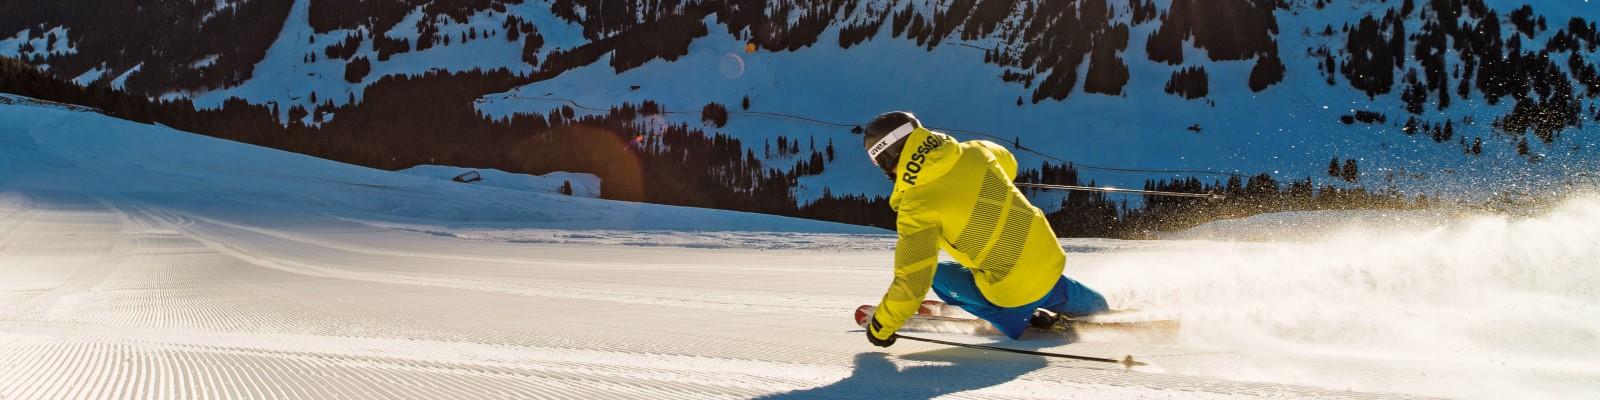 Migros gutscheine skifahren